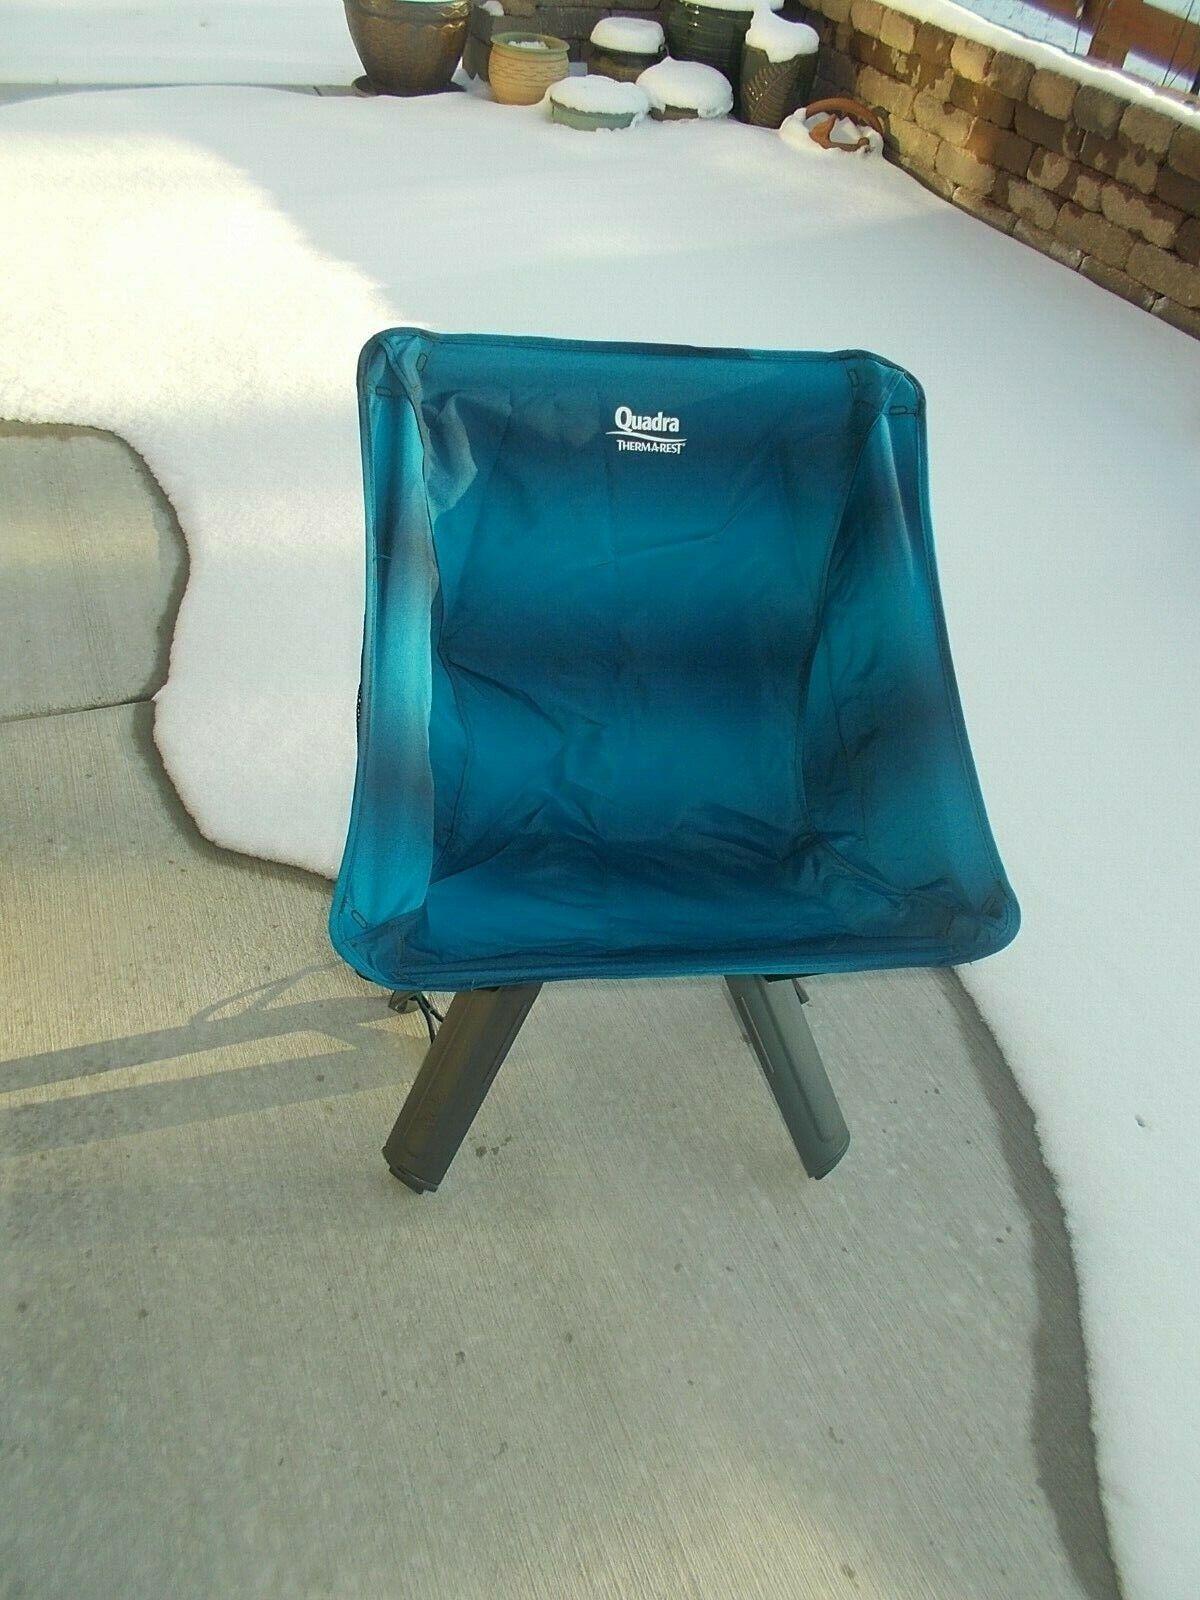 Therm-a-Rest Quadra Chair in Blau Ocean